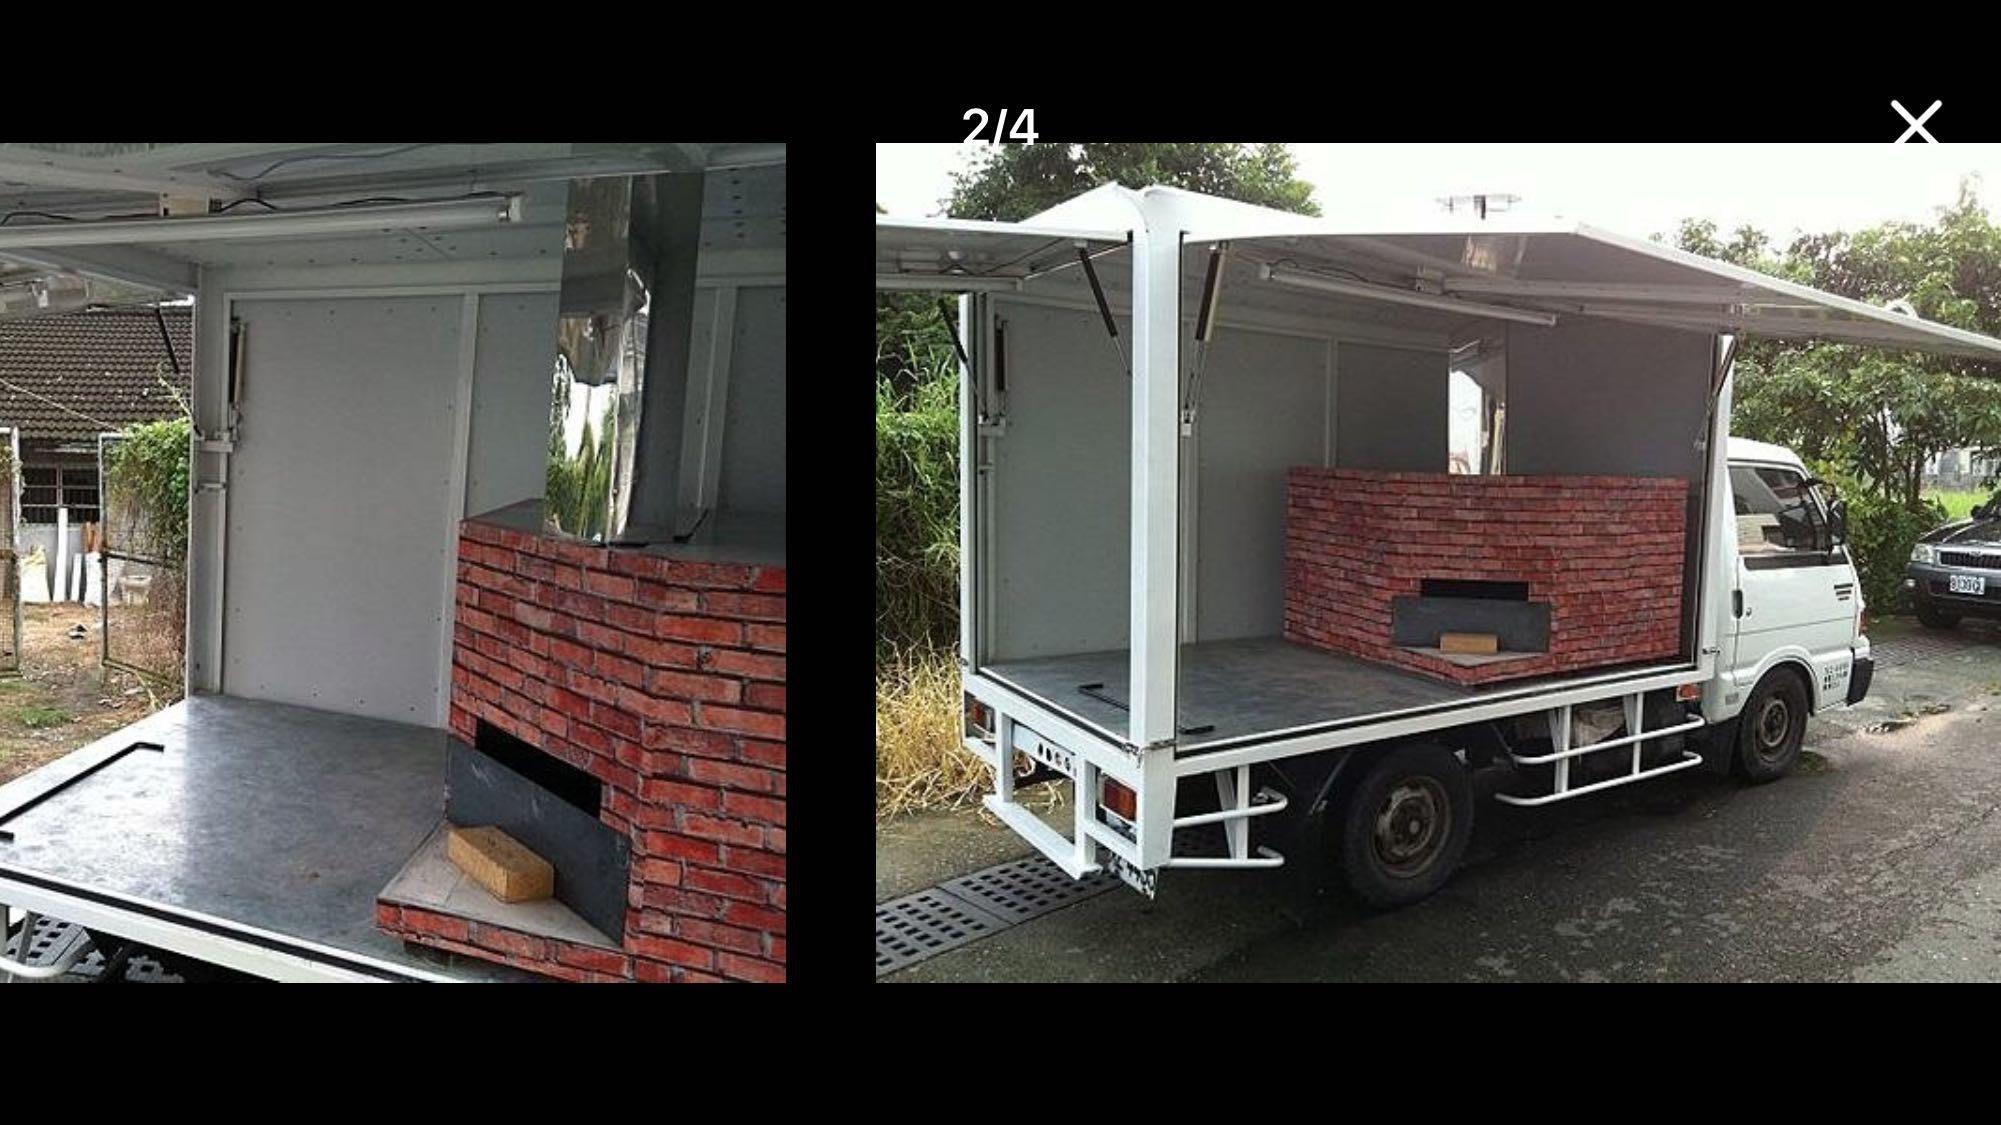 專利窯爐製作 客製化窯爐製作 披薩烤爐 麵包窯爐 地瓜甕爐 十二年已經賣出近千座窯爐 歡迎洽詢 請看關於我